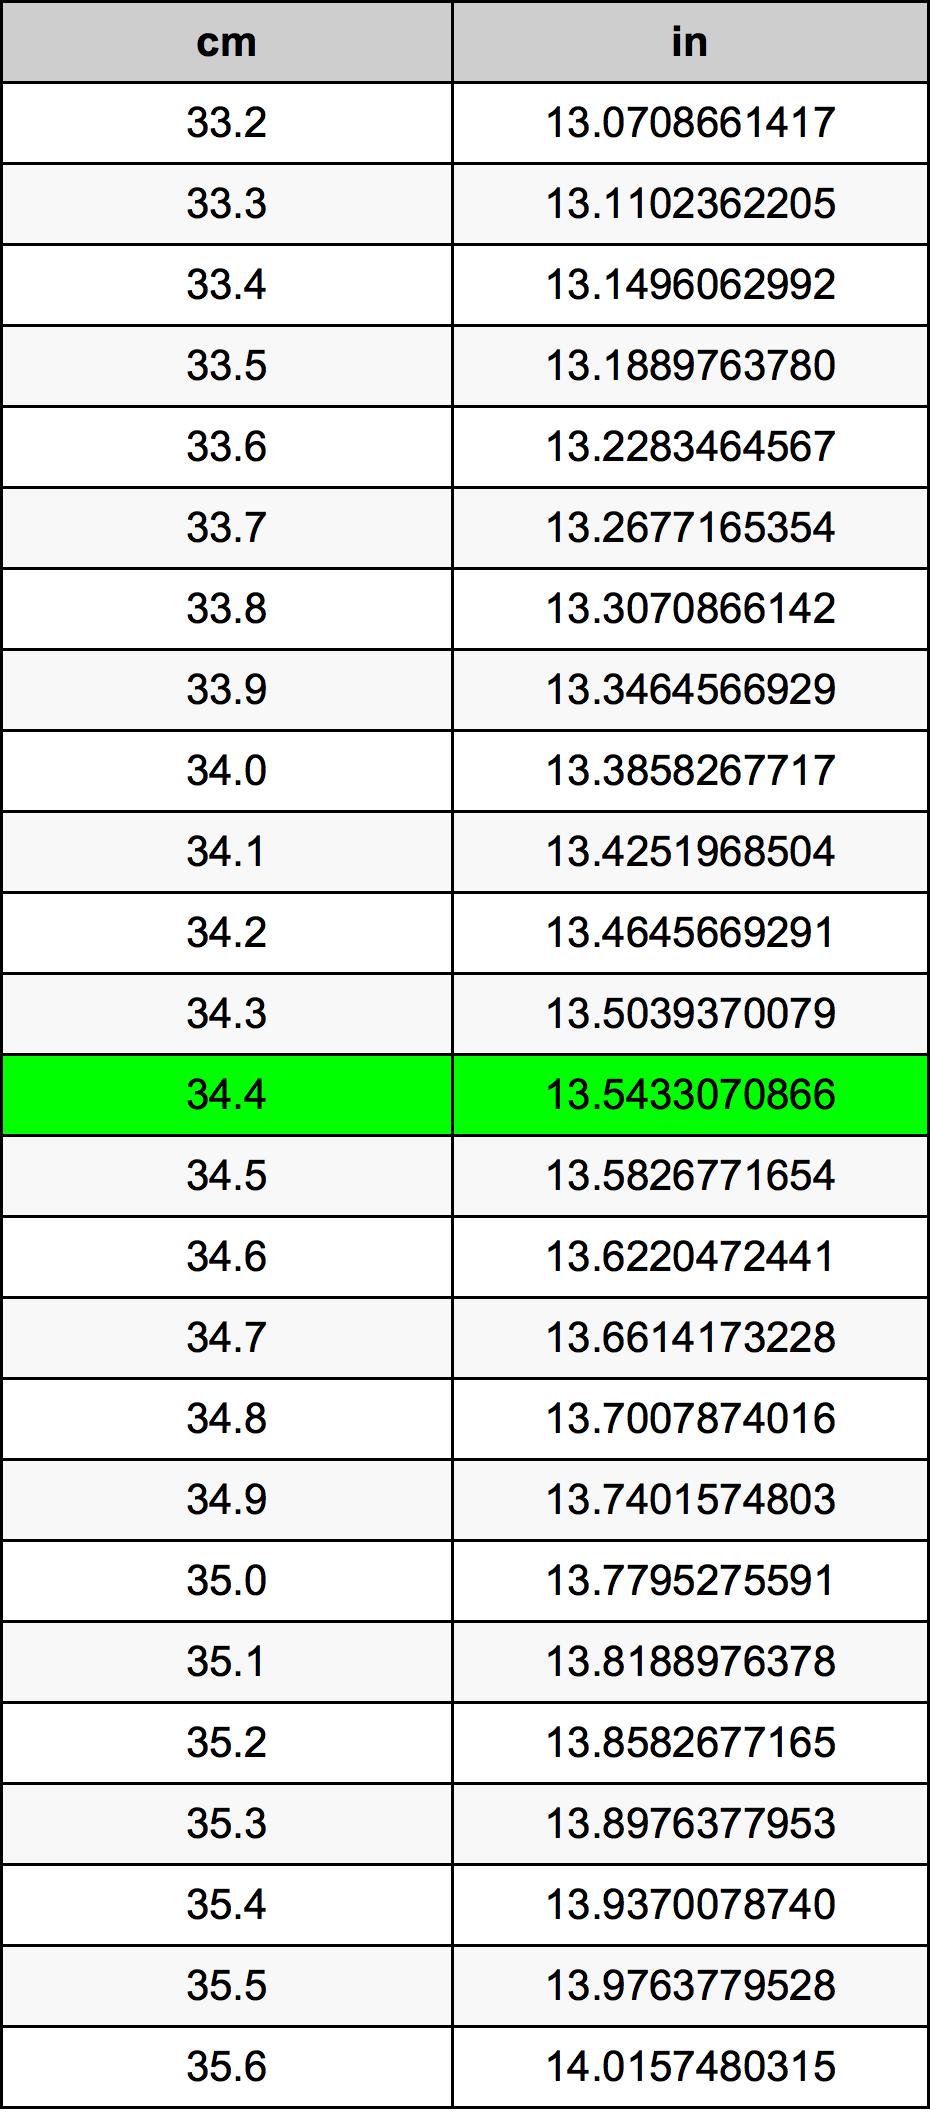 34.4 Centymetr tabela przeliczeniowa